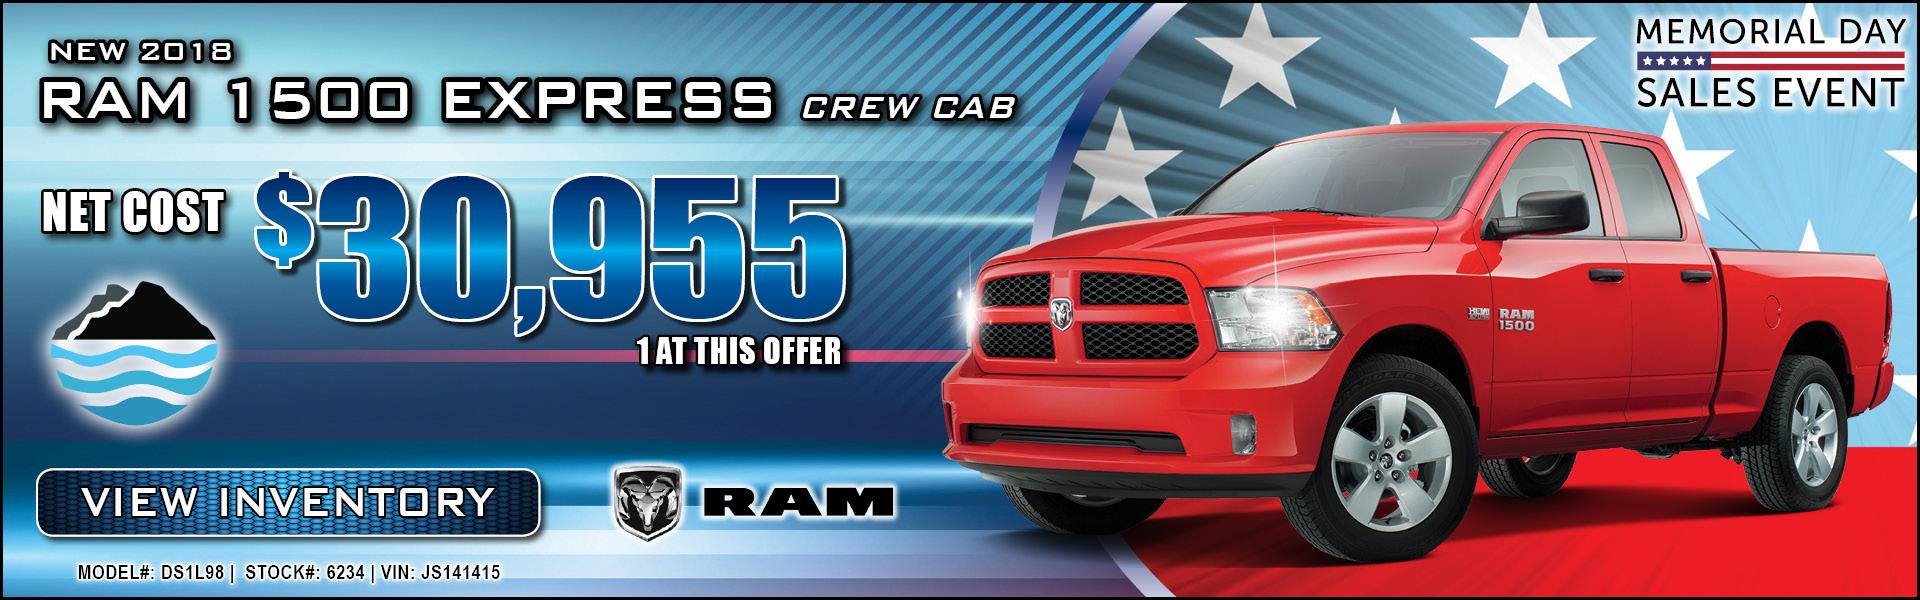 Ram 1500 Express Crew Cab $30,955